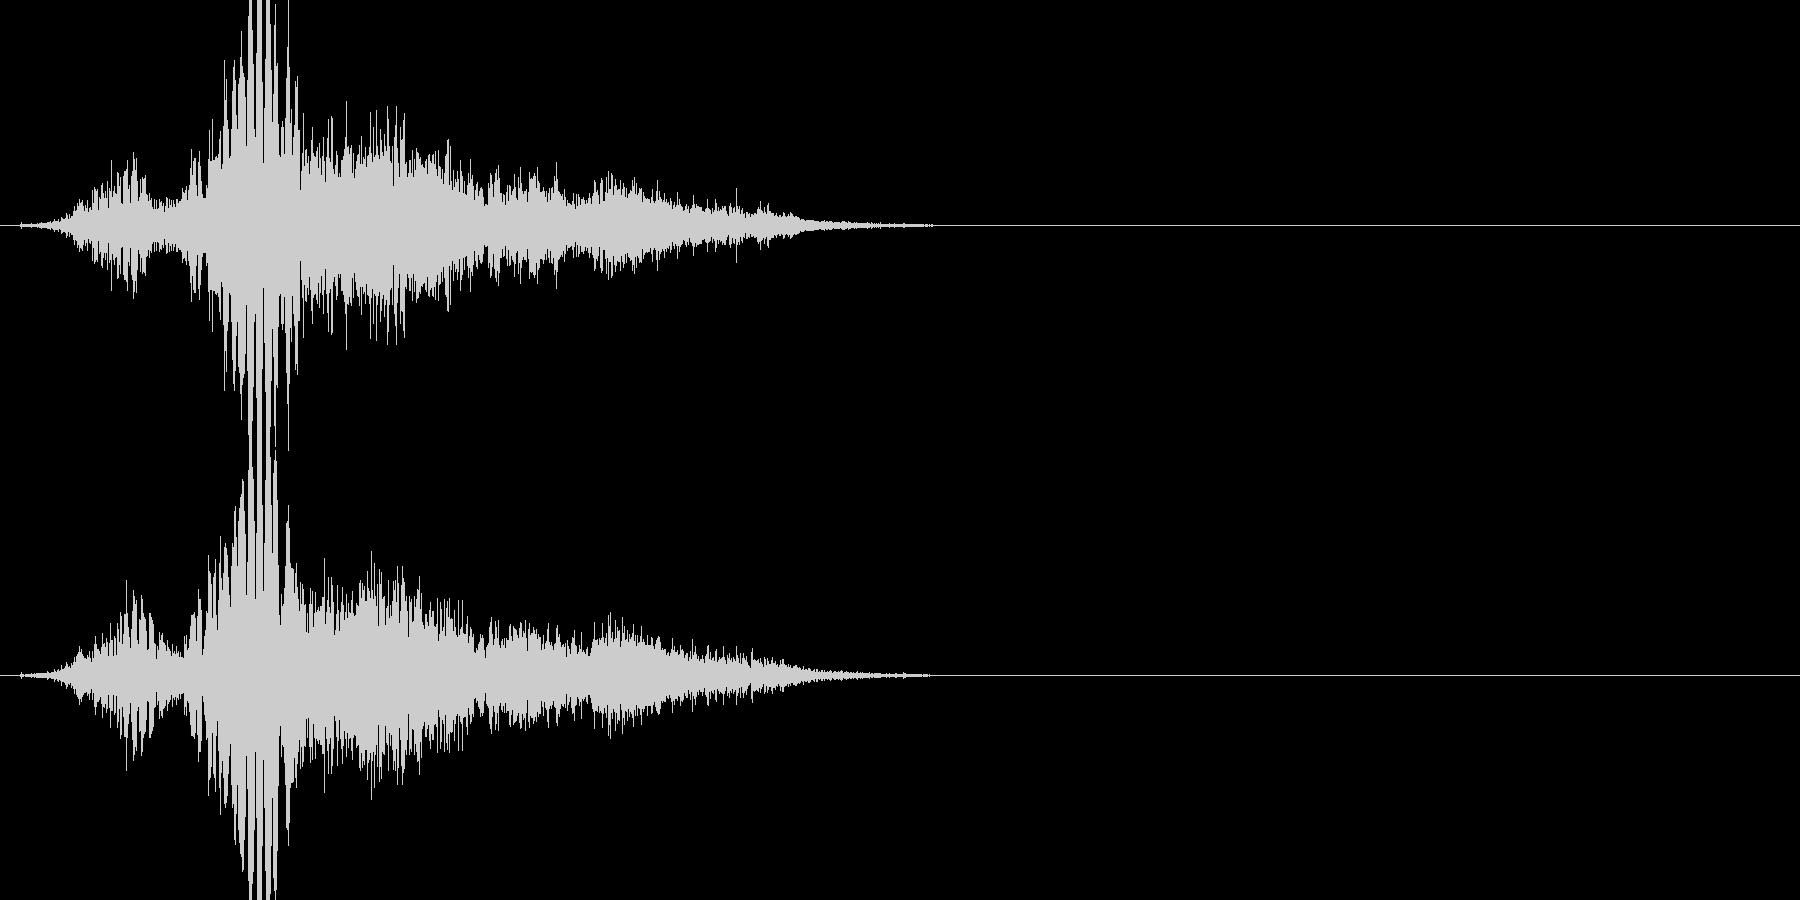 斬撃音(刀や剣で斬る/刺す効果音)15bの未再生の波形